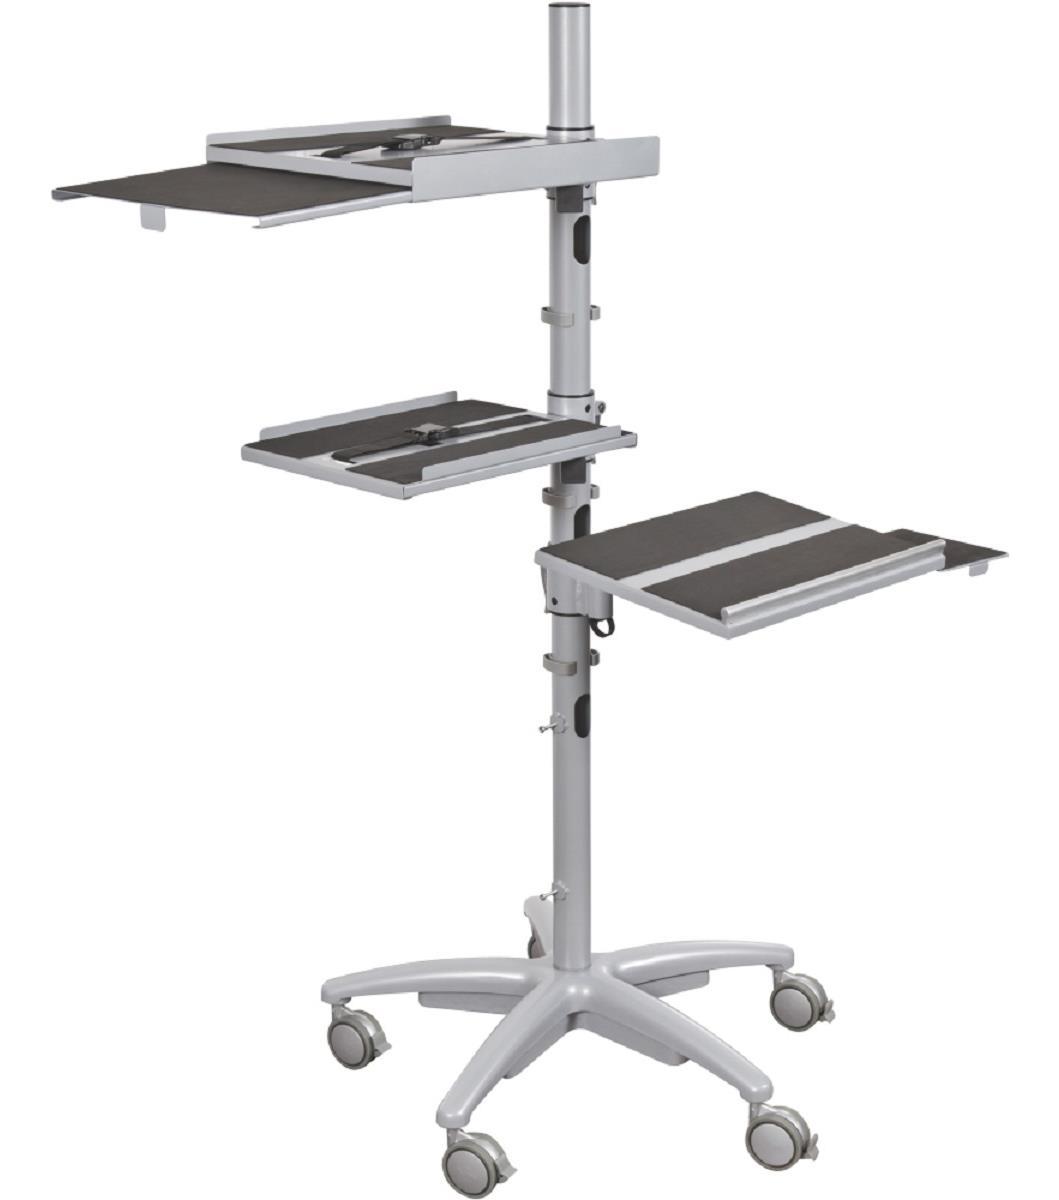 Height Adjustable Mobile Workstation Projector Shelf